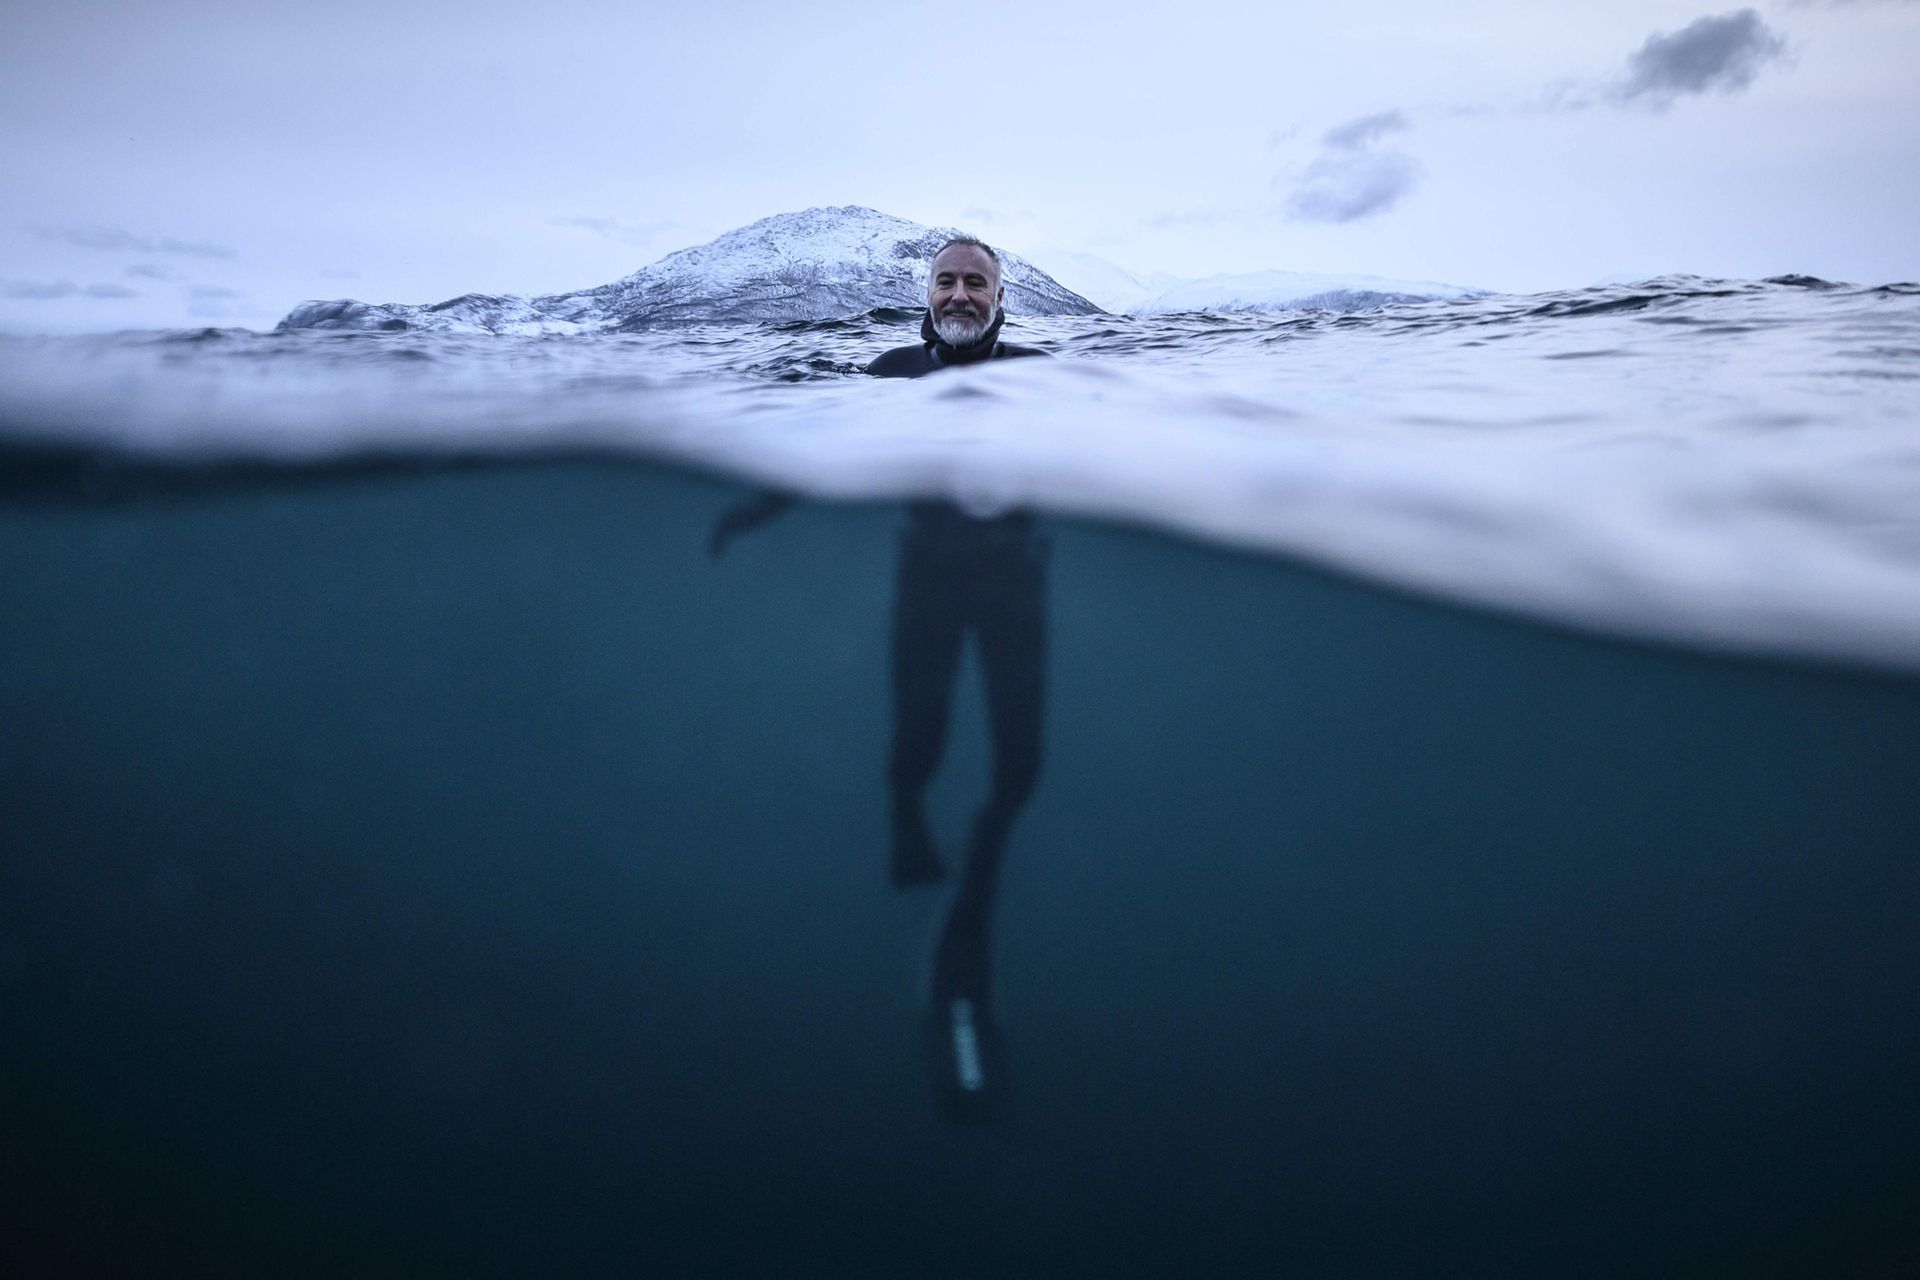 El experto en orcas francés Pierre Robert De Latour posa para una fotografía